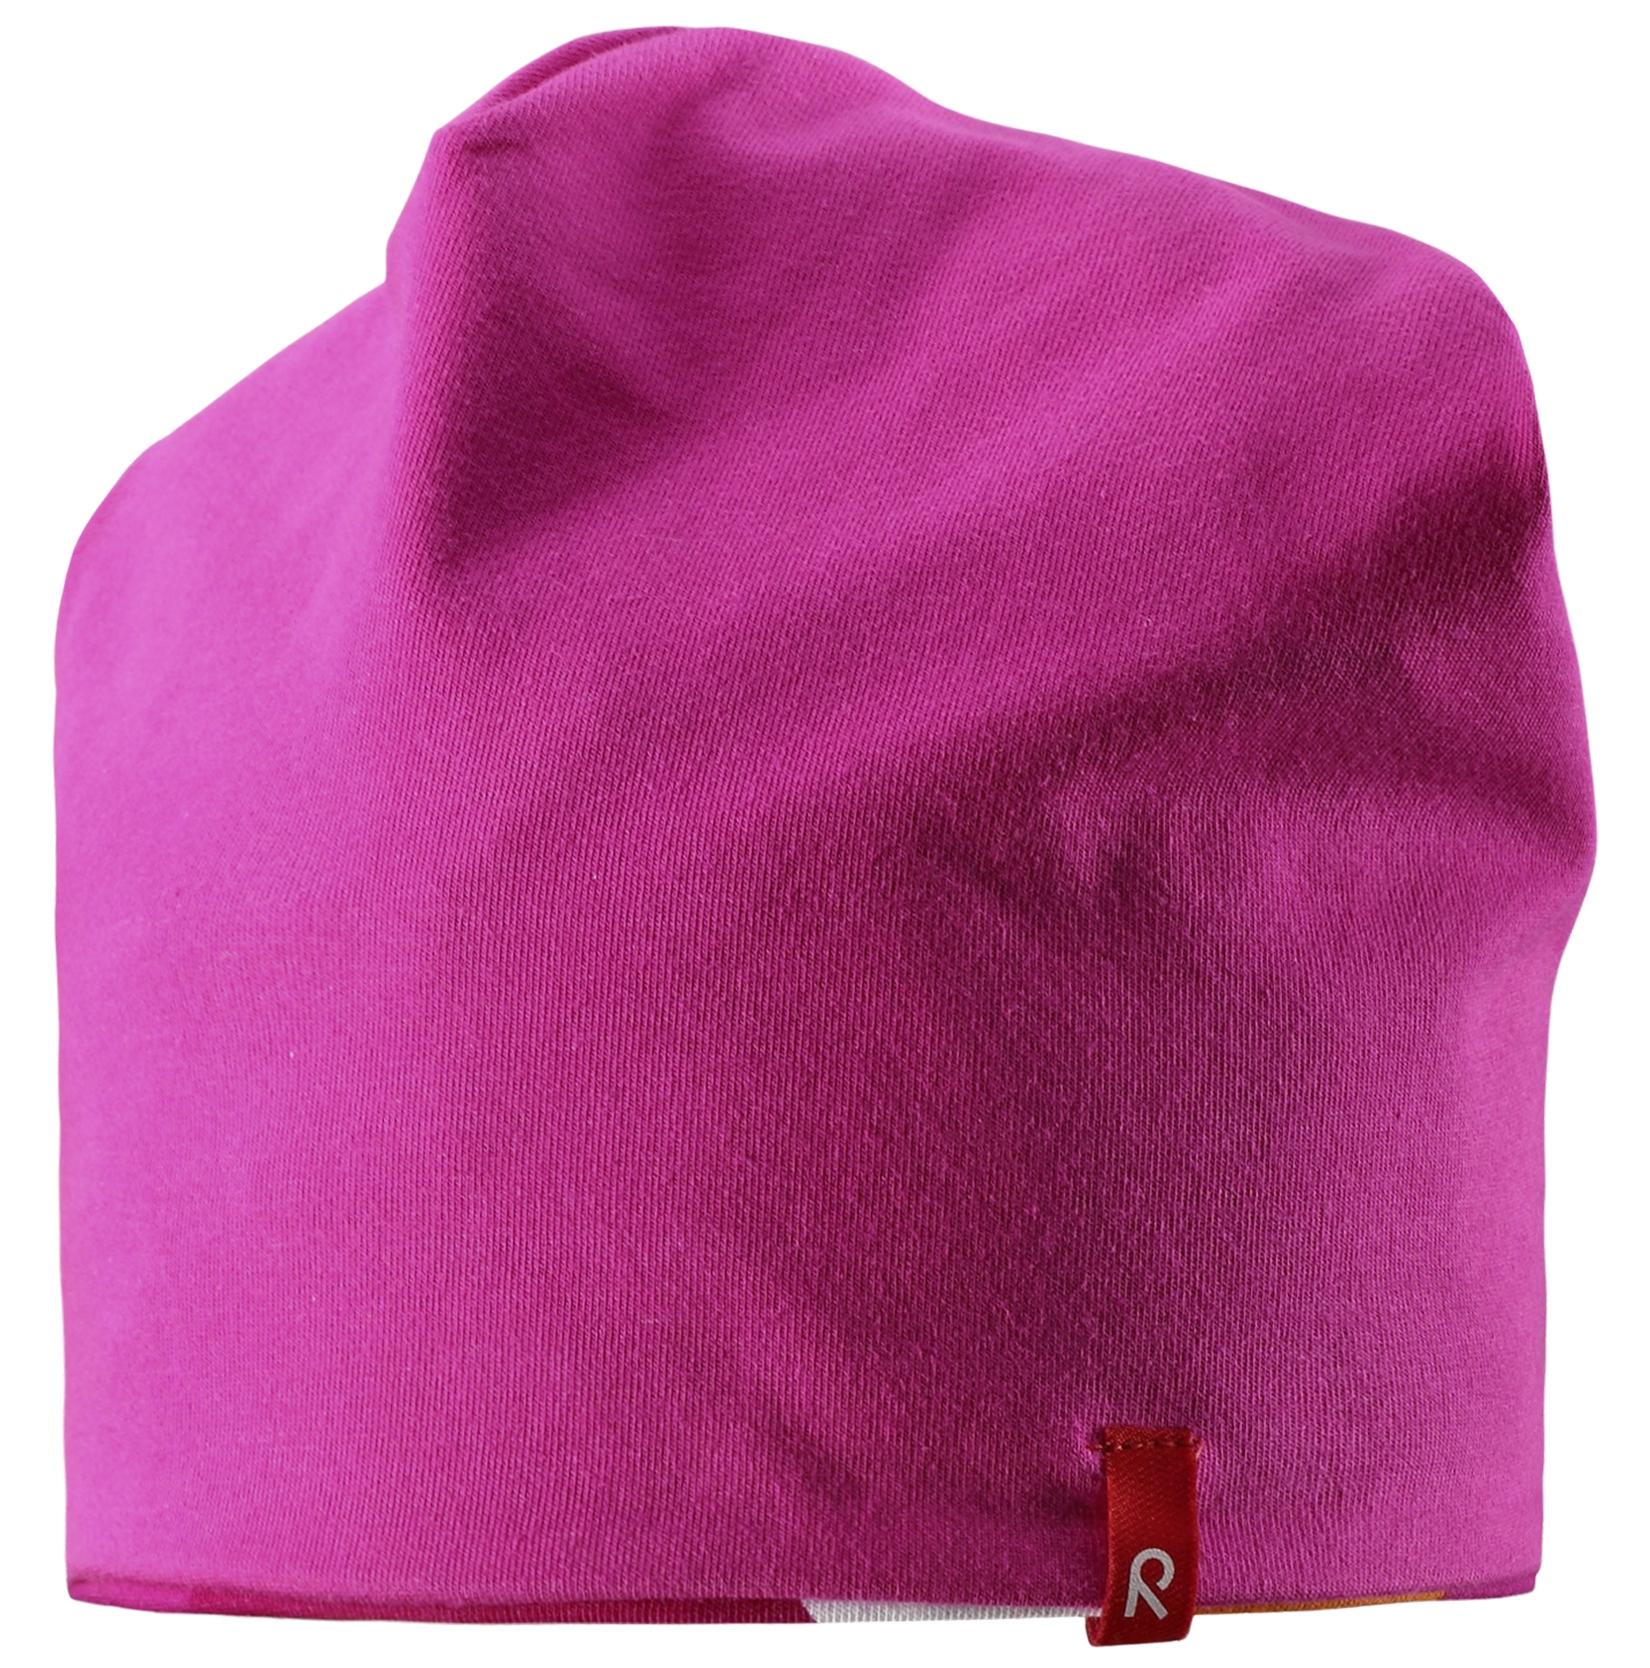 Головные уборы Reima Шапка для девочки Vinst Reima шапка для девочки reima lilja цвет розовый 5285763290 размер 44